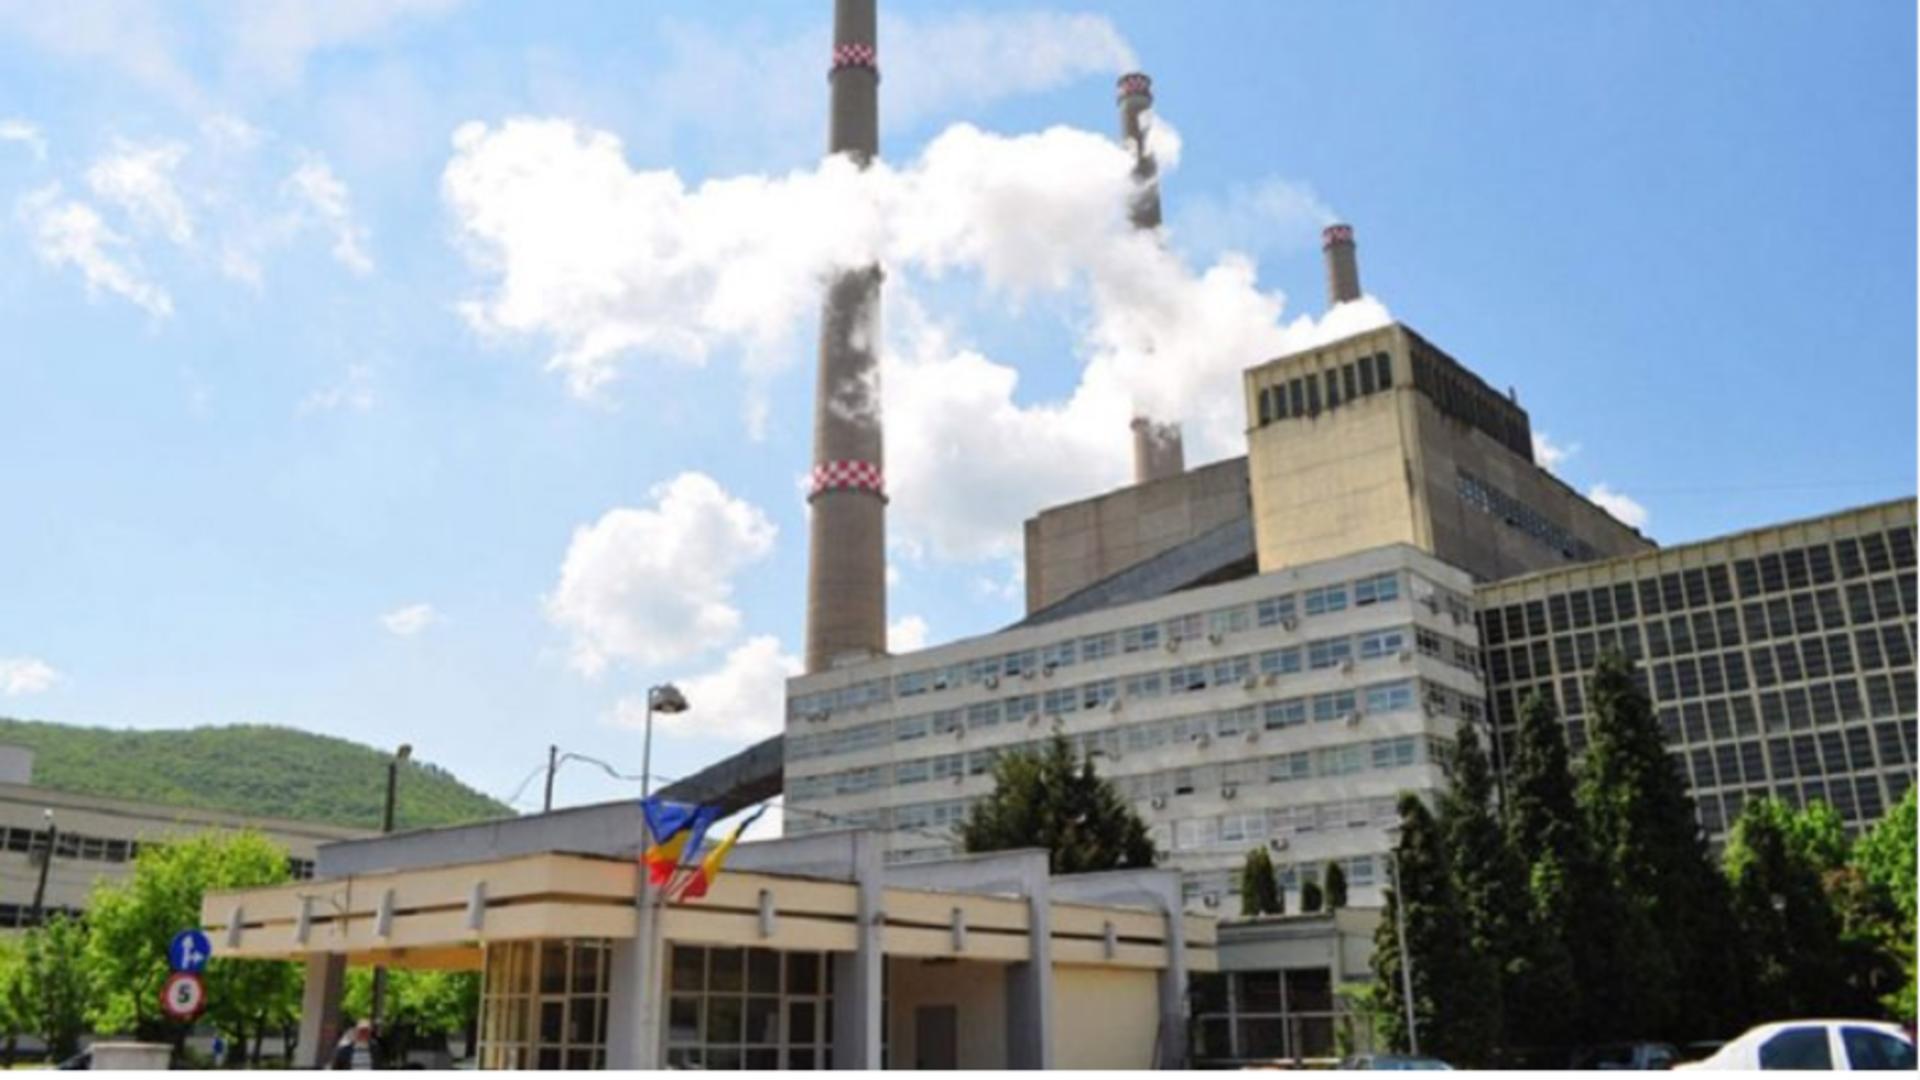 CJ Hunedoara vrea în continuare să preia termocentrala Mintia. Foto/arhivă